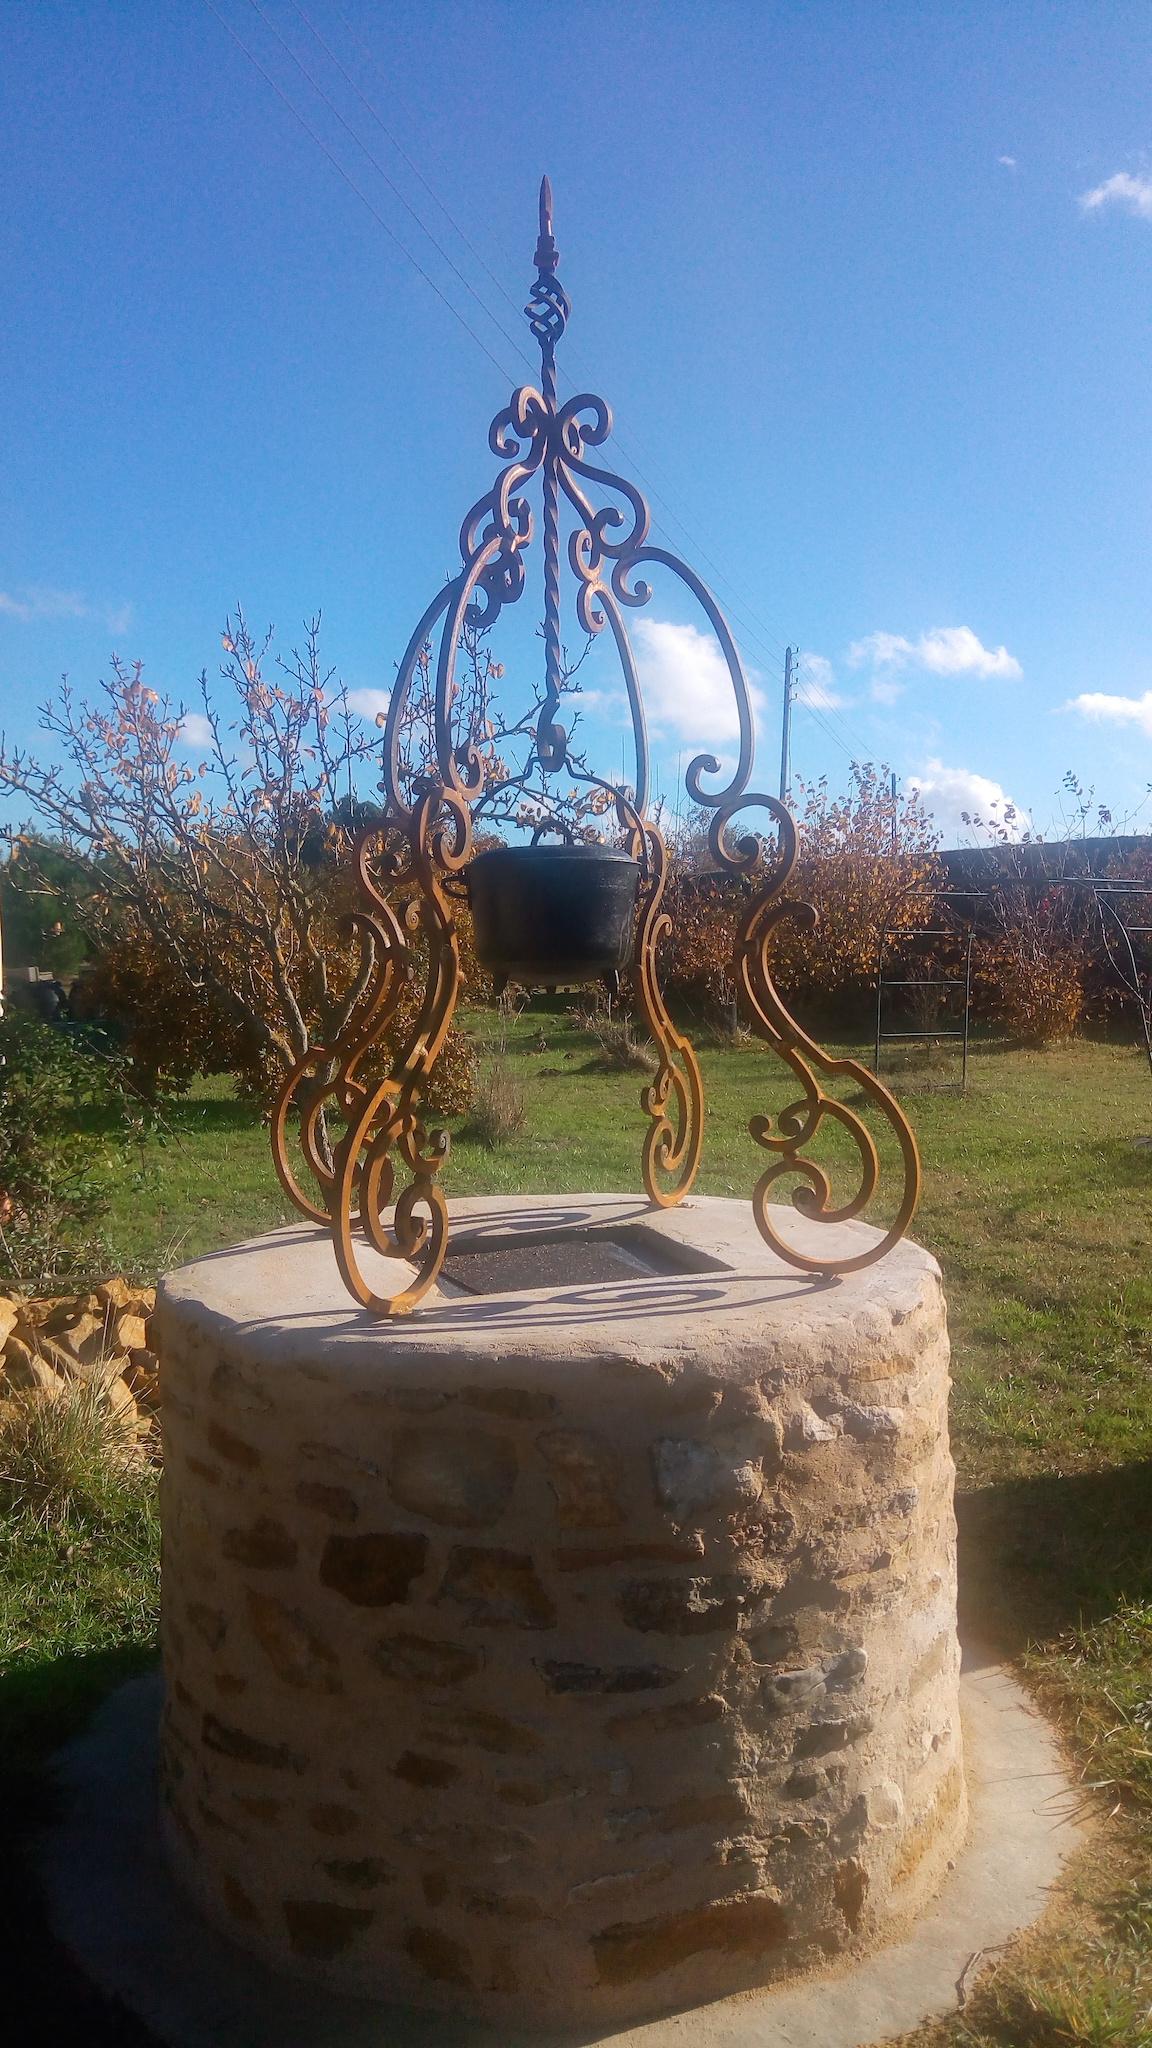 Conception et fabrication complete par notre client d'un dessus de puits en fer forge -  Realisation a  partir de notre gamme de pieces detachees. Localisation Sarthe